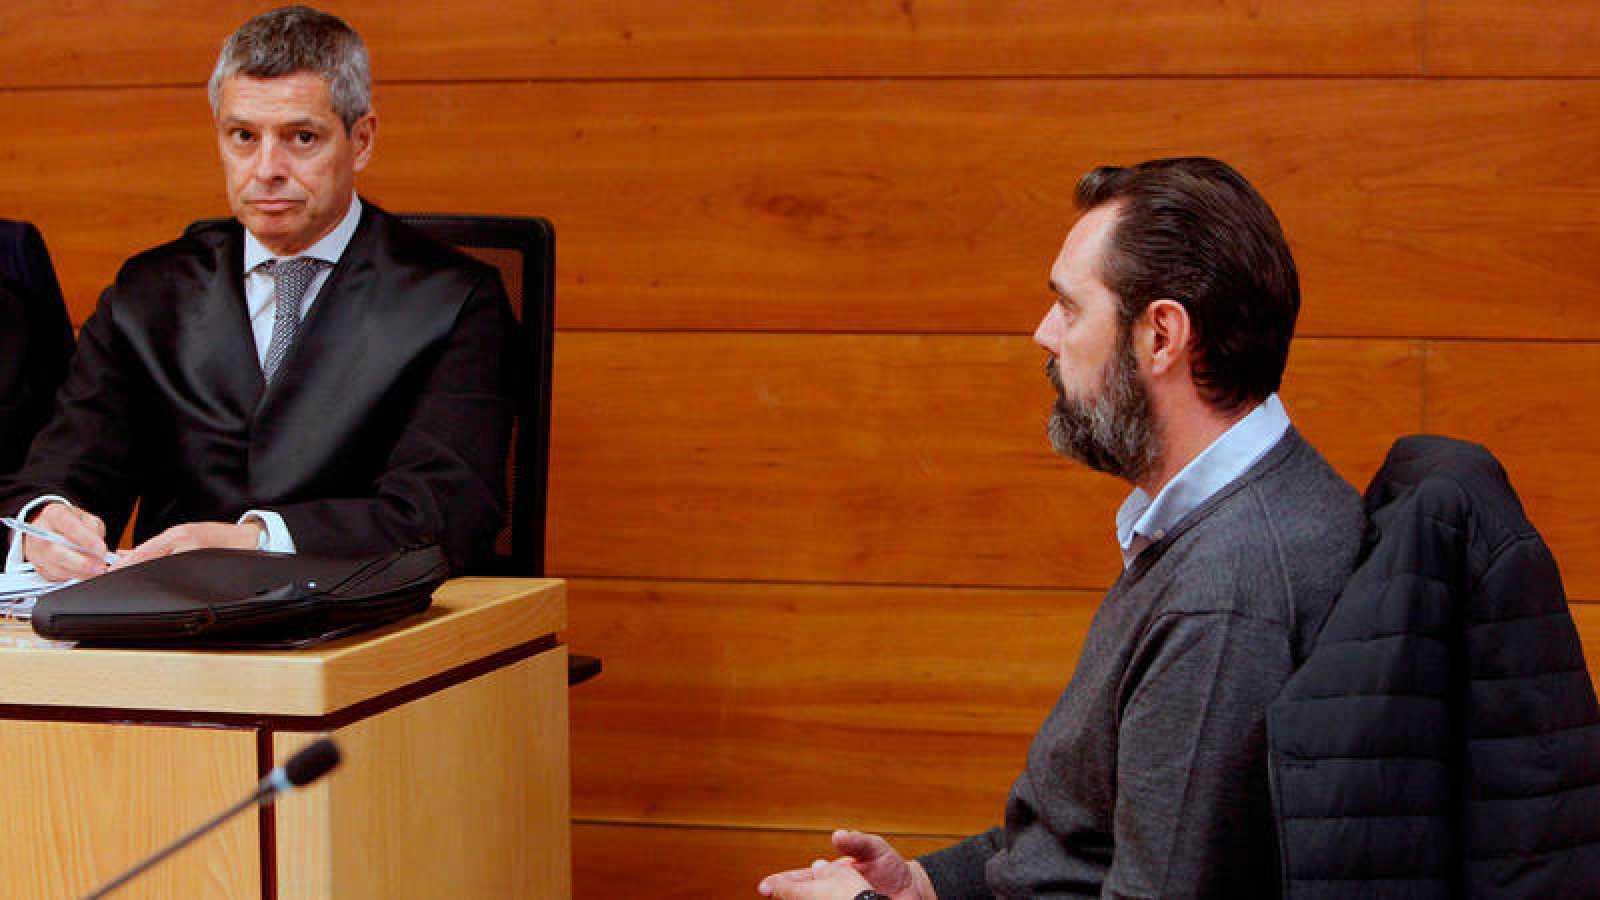 El acusado, Miguel López, durante el juicio